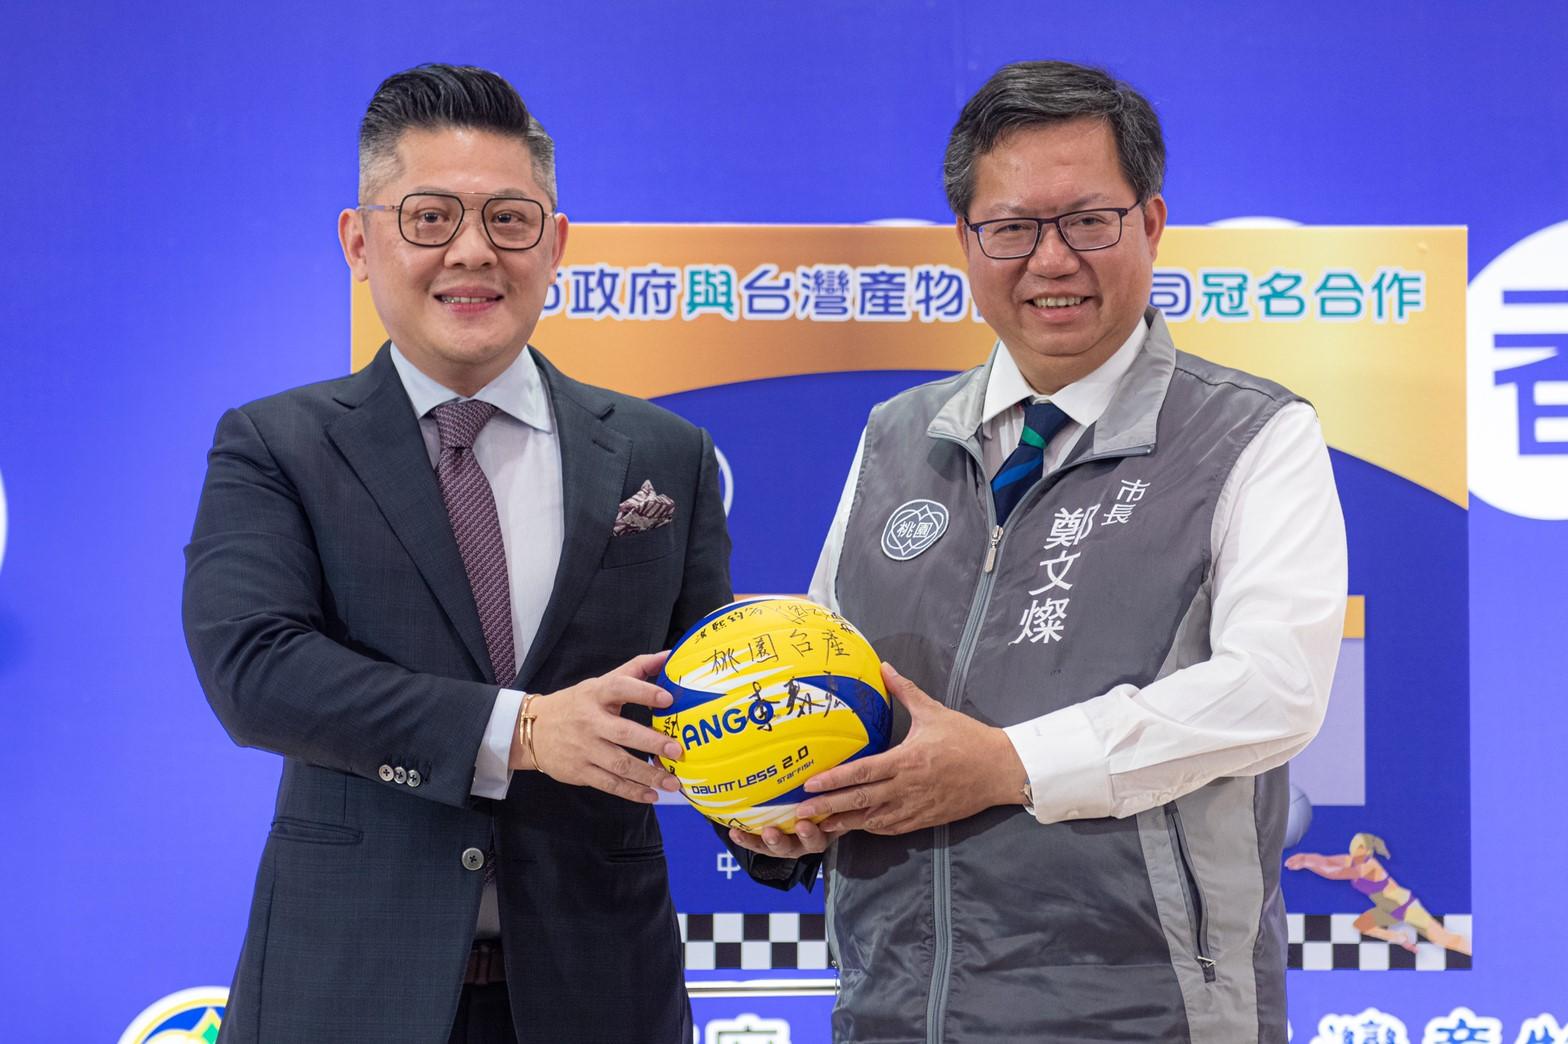 臺灣產物保險公司董事長李泰宏致贈鄭市長簽名排球